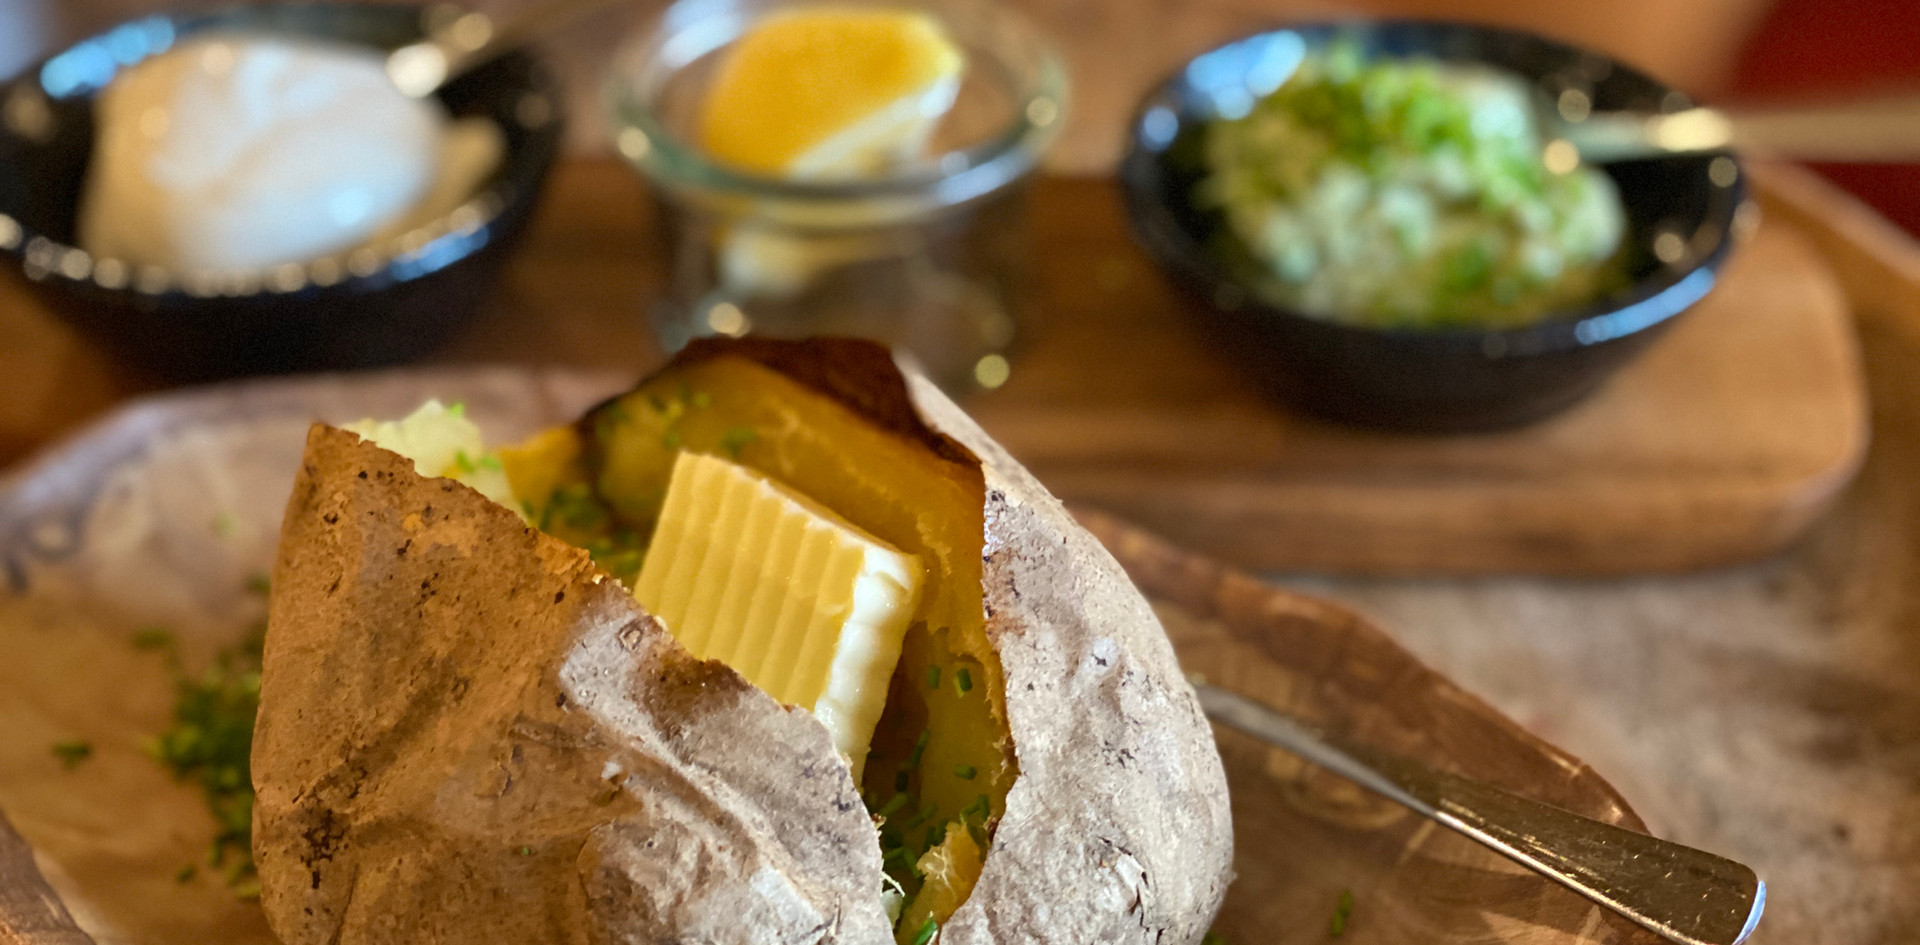 Ofenkartoffel Restaurant Dinner - Hotel Wegner - The culinary Art Hotel